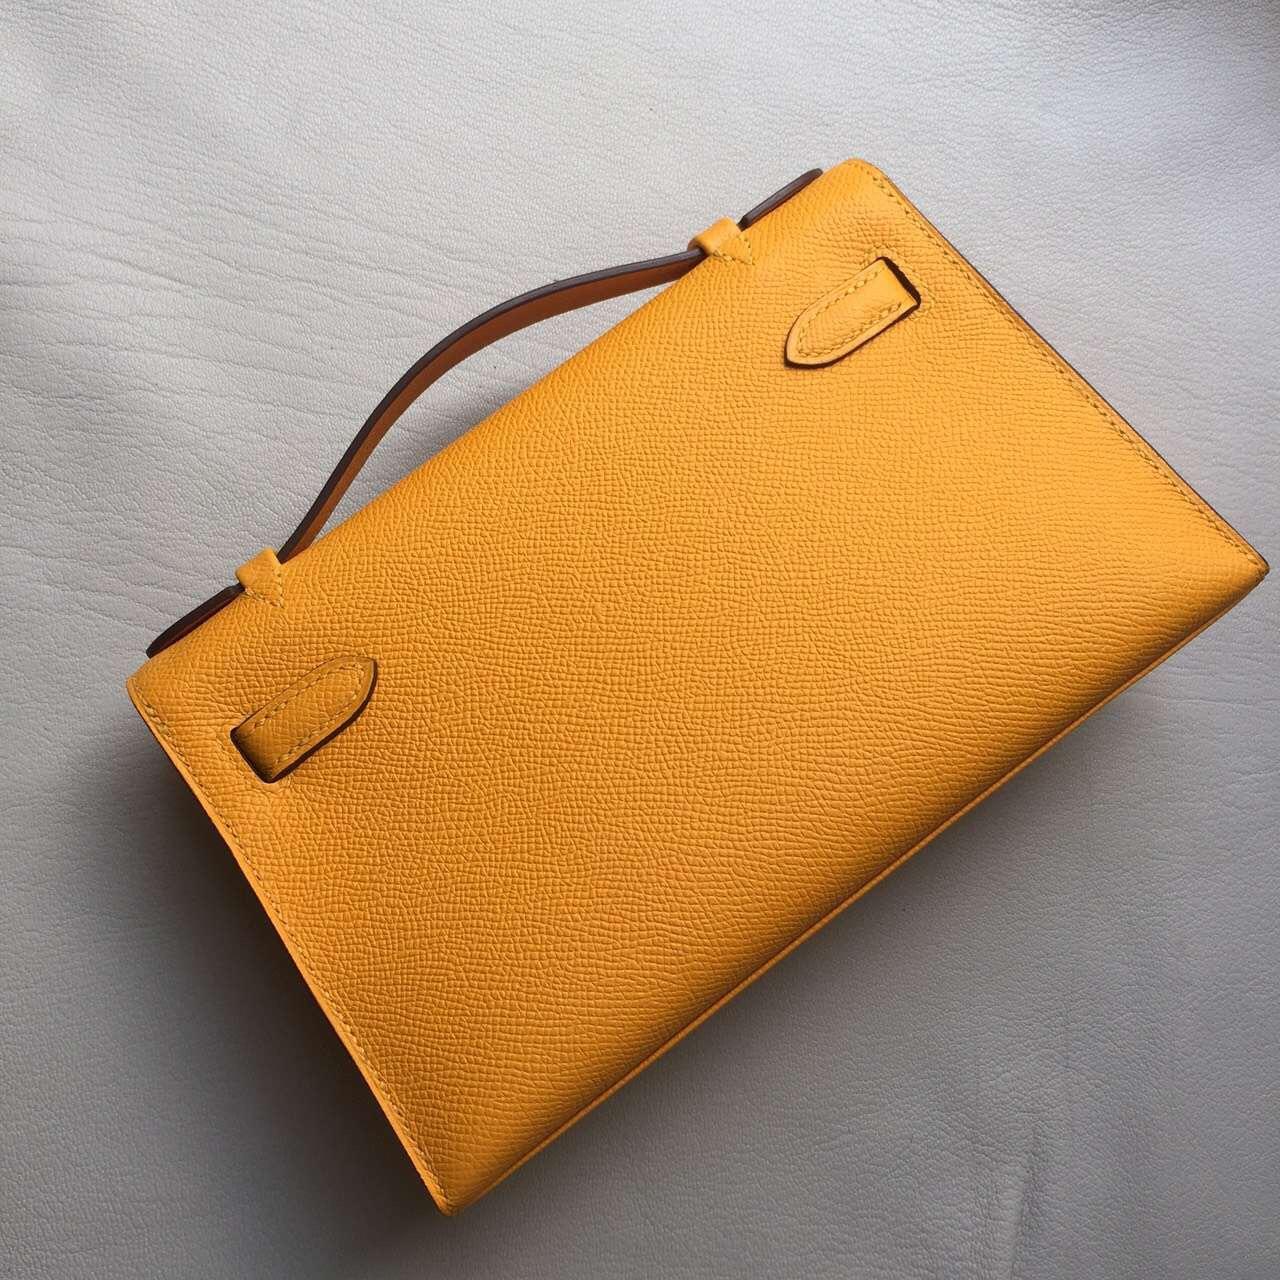 Hermes Bag Website 9V Sun Yellow Epsom Leather Mini Kelly Bag 22cm